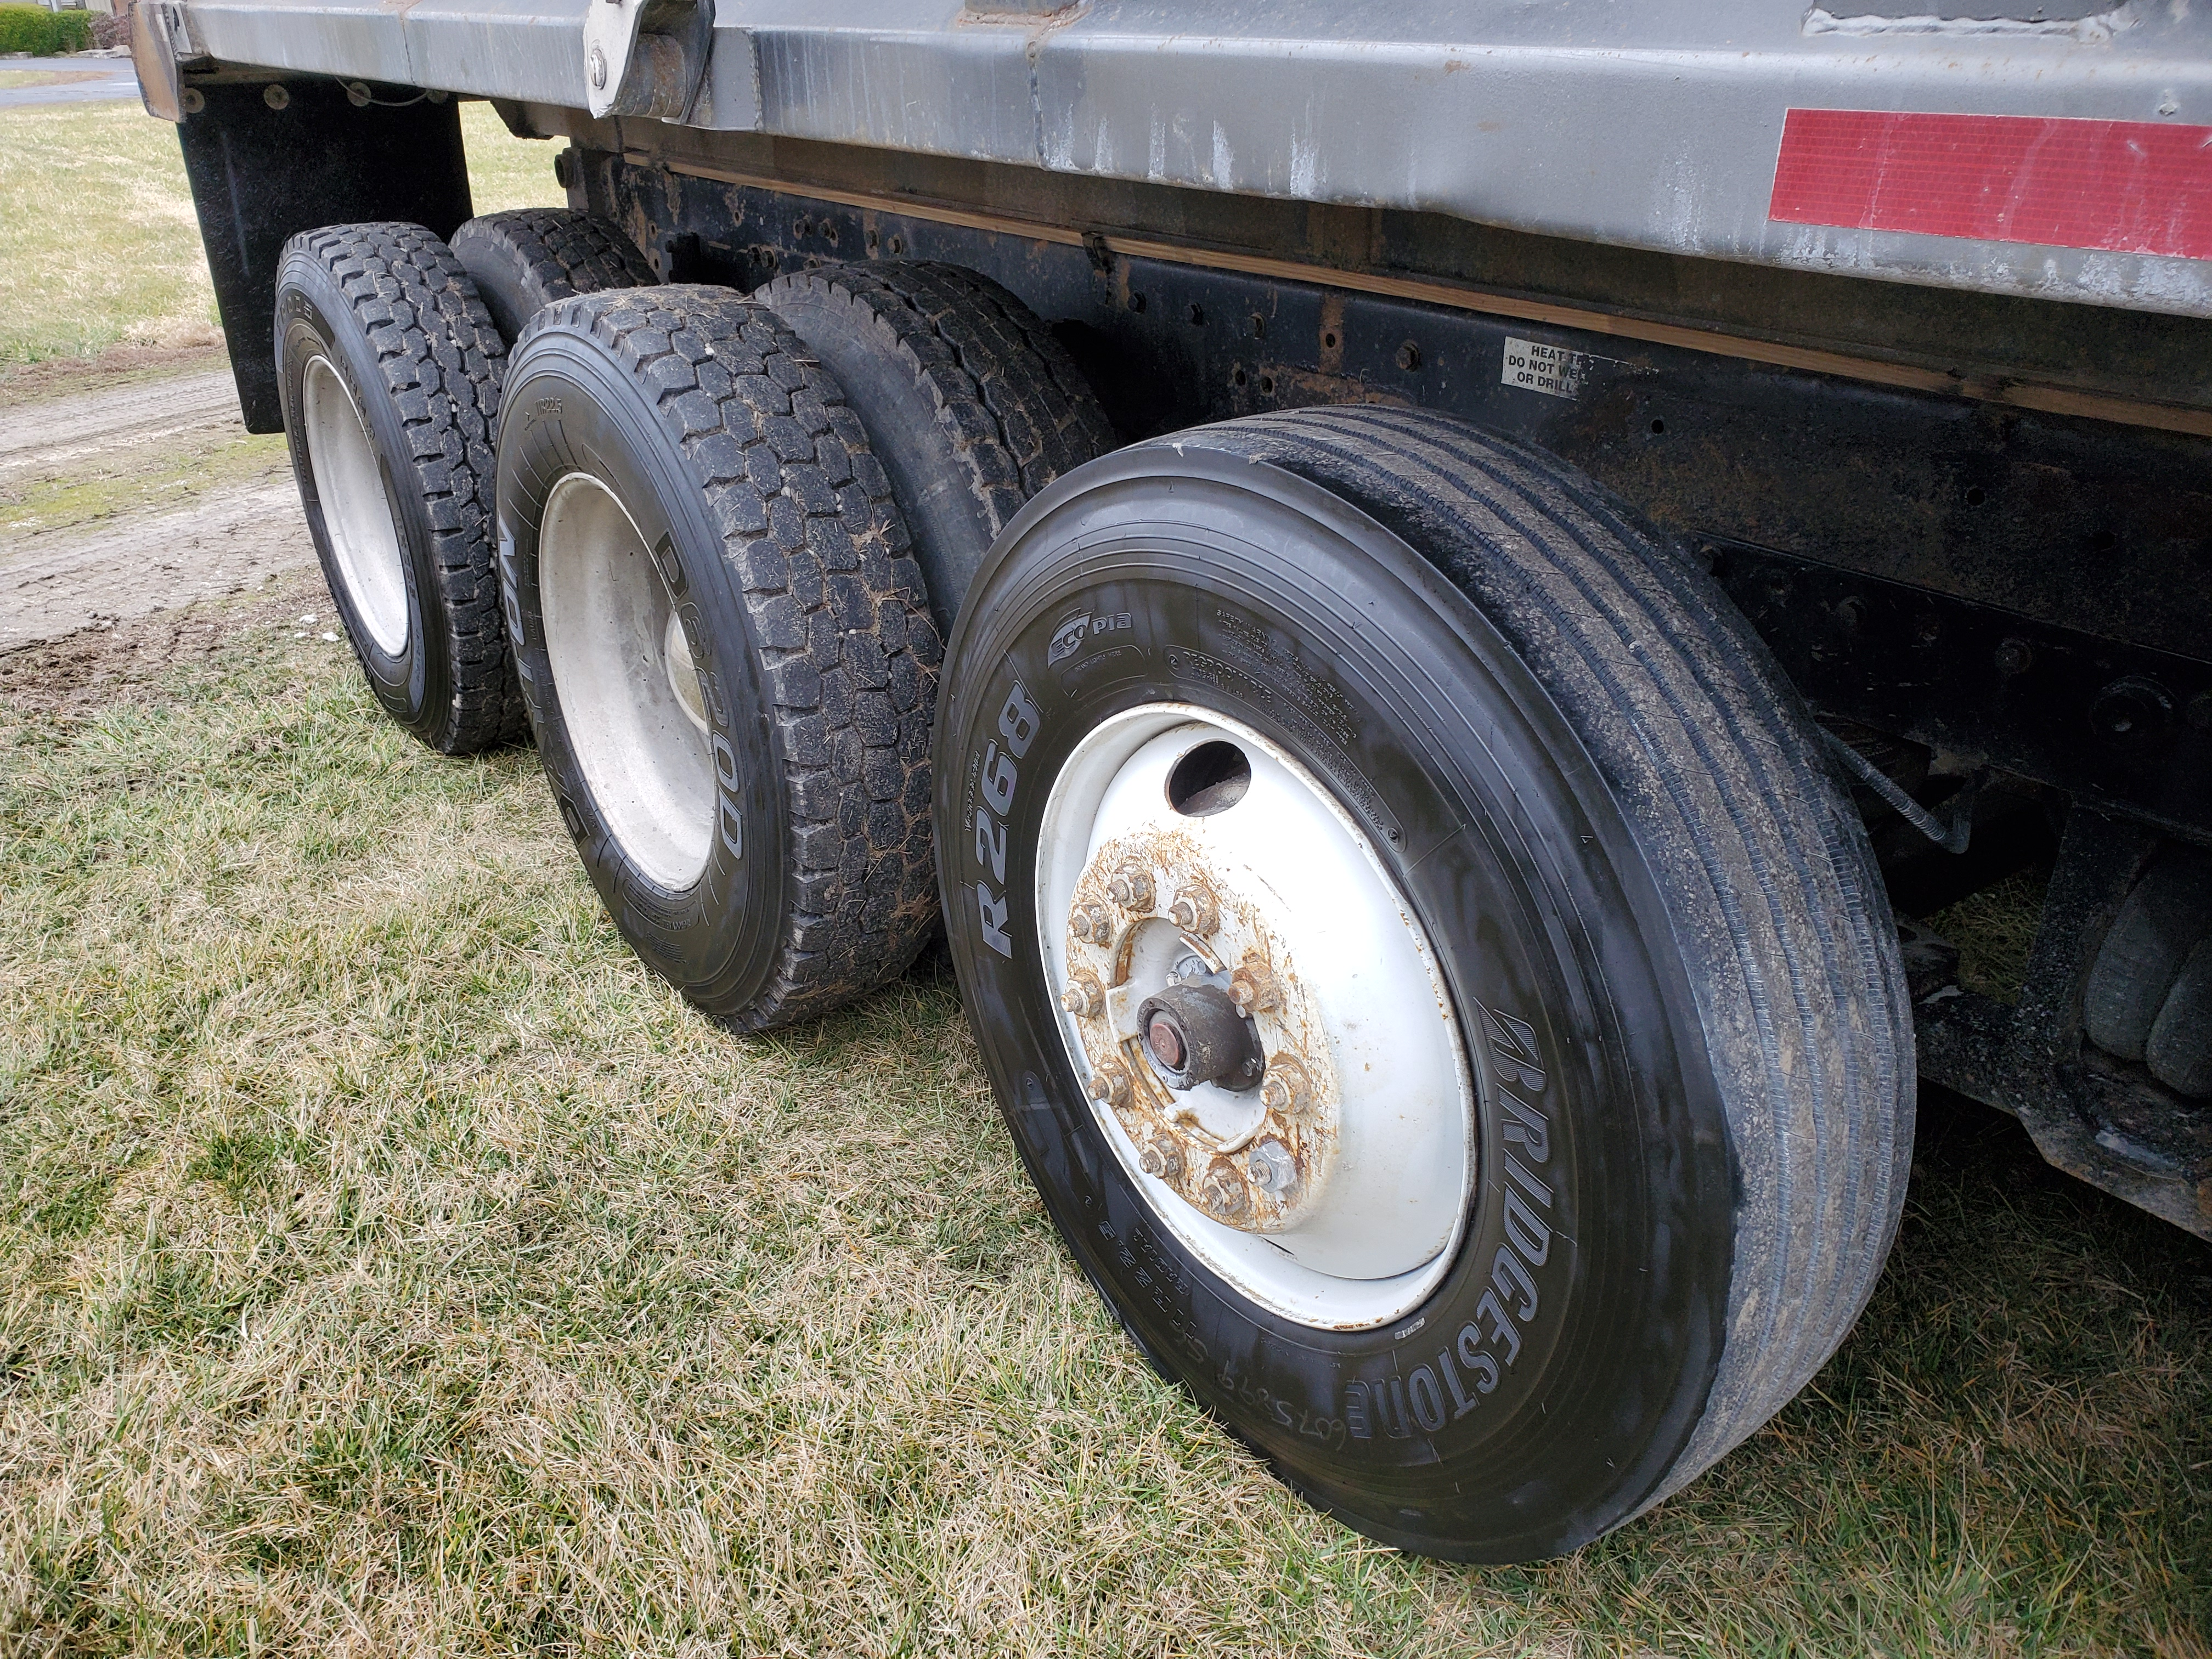 Lot 29 - 1999 Kenworth T-800 Dump Tri-Axle Dump Truck, Cummins N-14, 460E+, 8 LL Transmission